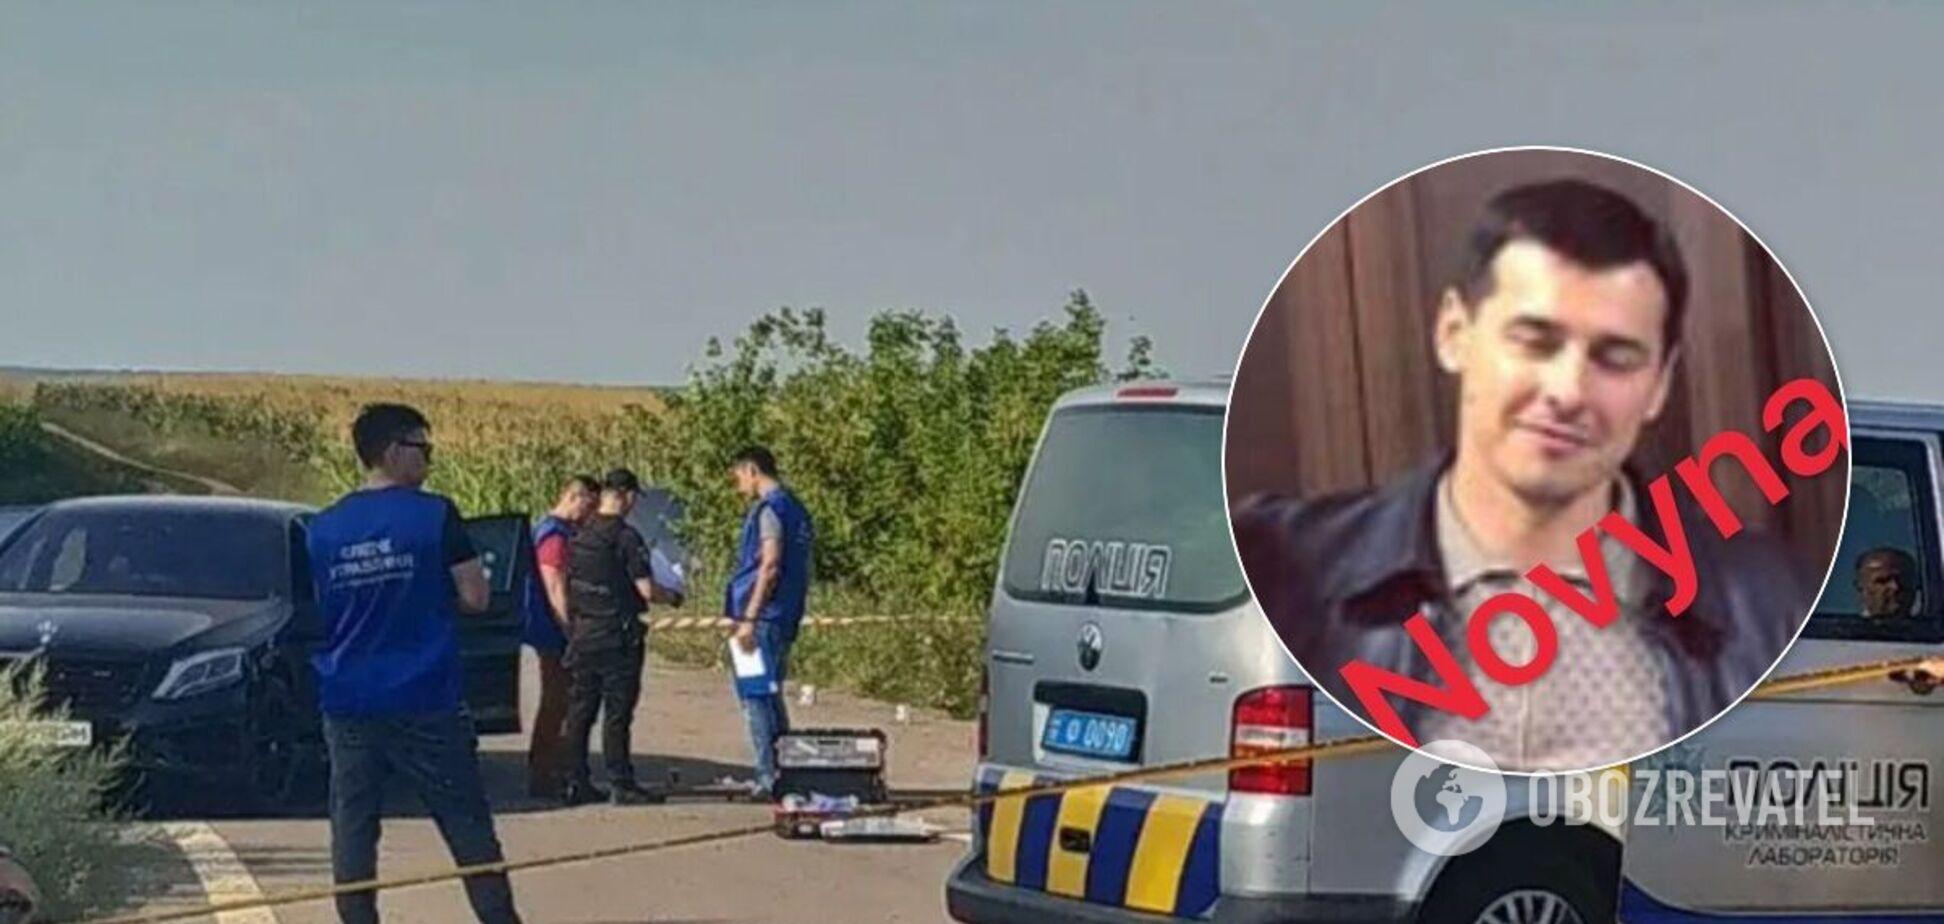 Убитый является жителем Донецкой области